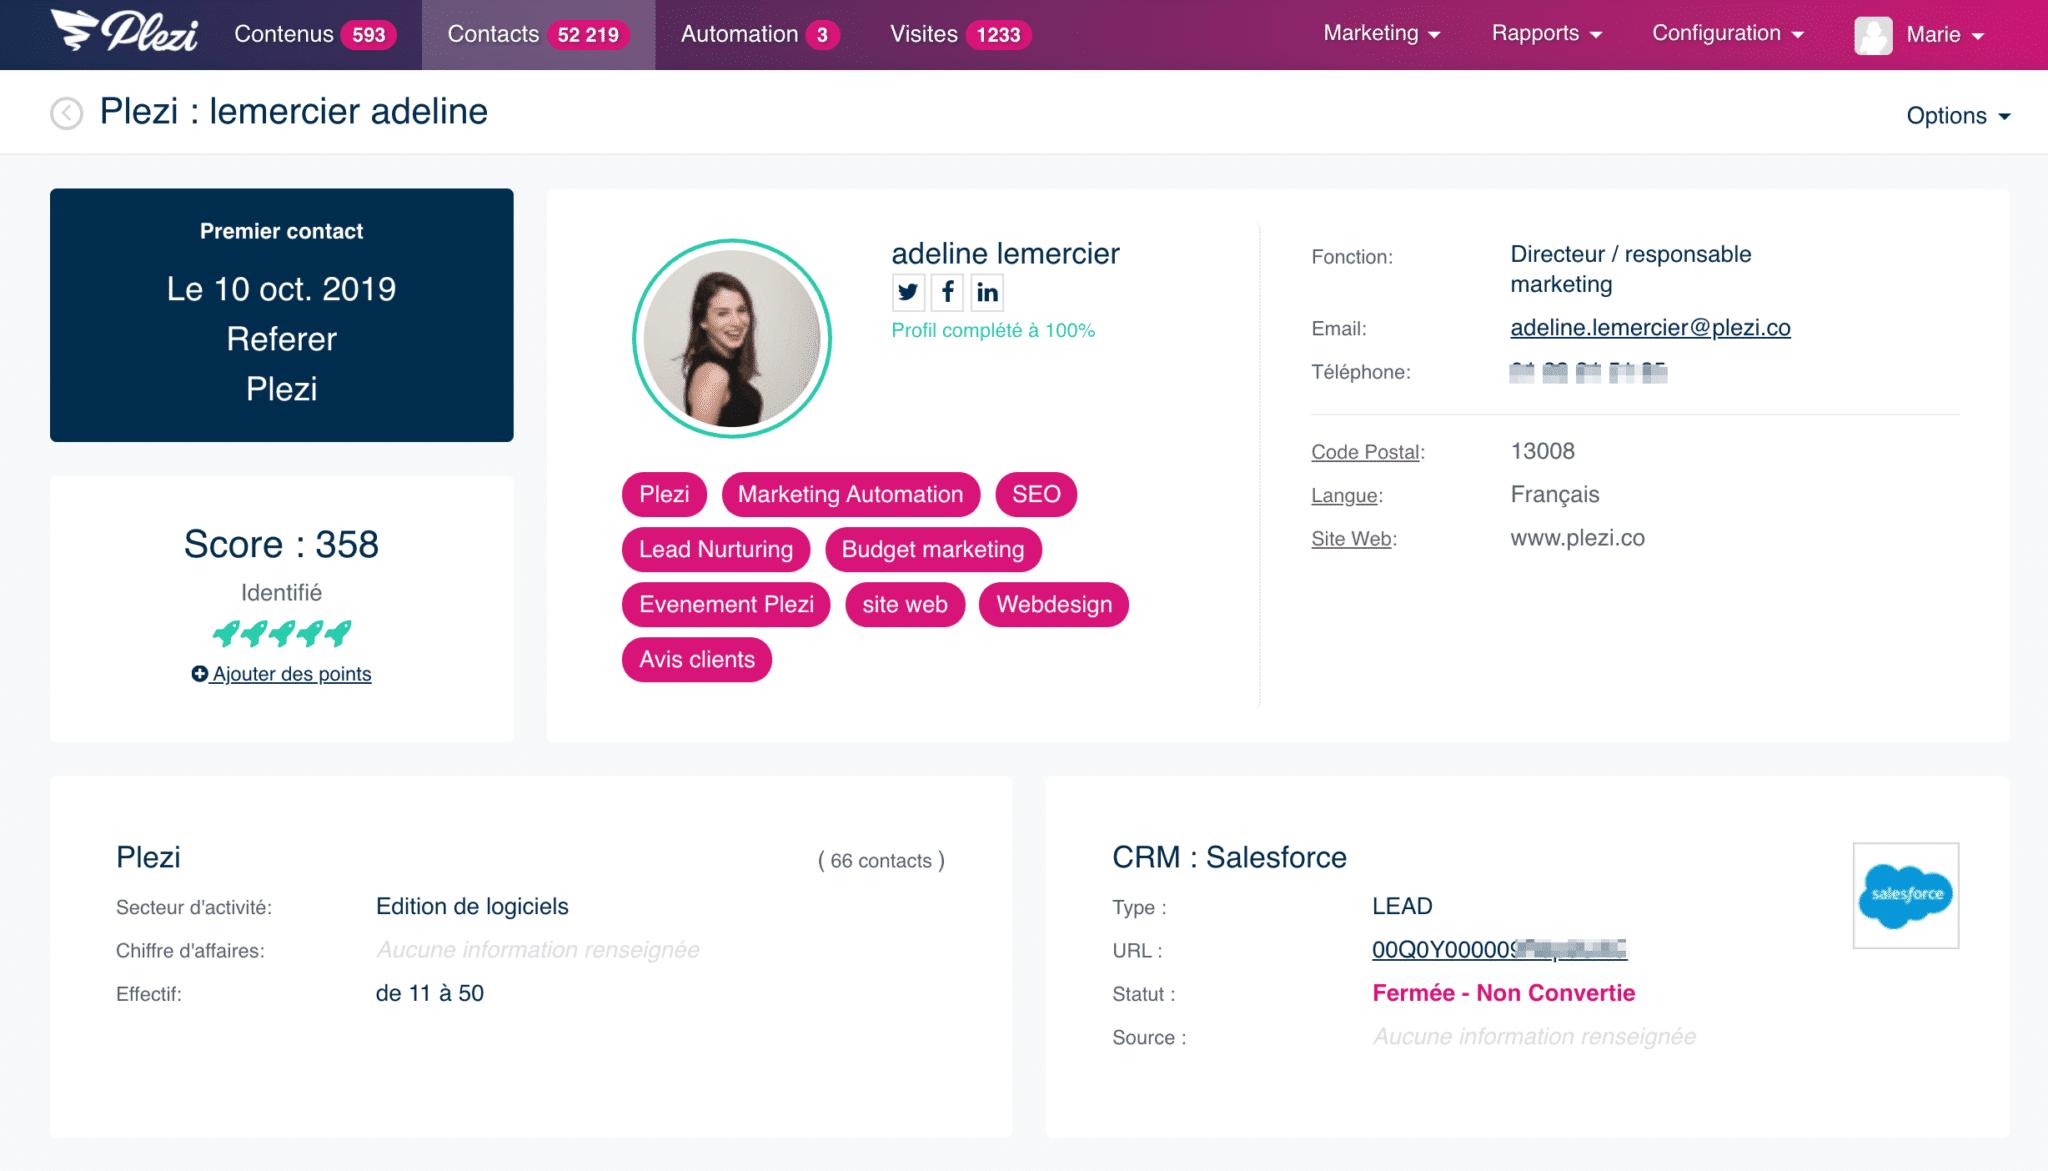 fiche d'un contact dans Plezi synchronisé avec Salesforce